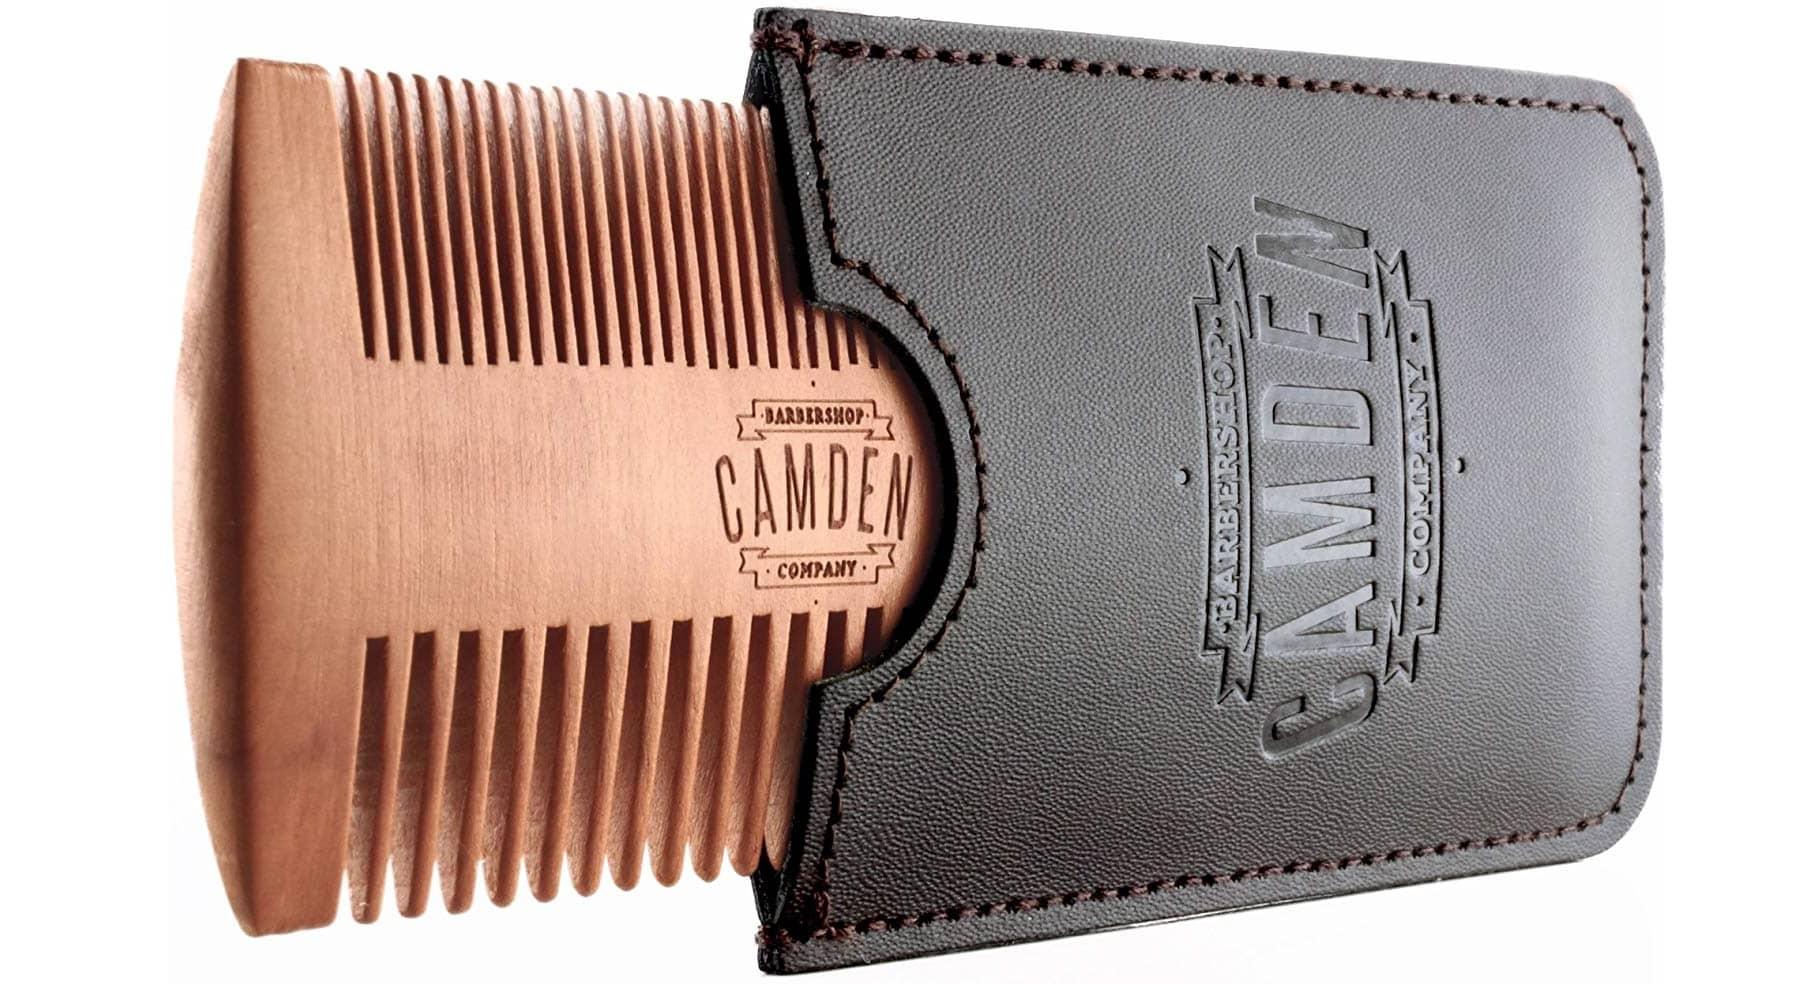 Peigne à barbe en bois de poirier Camden